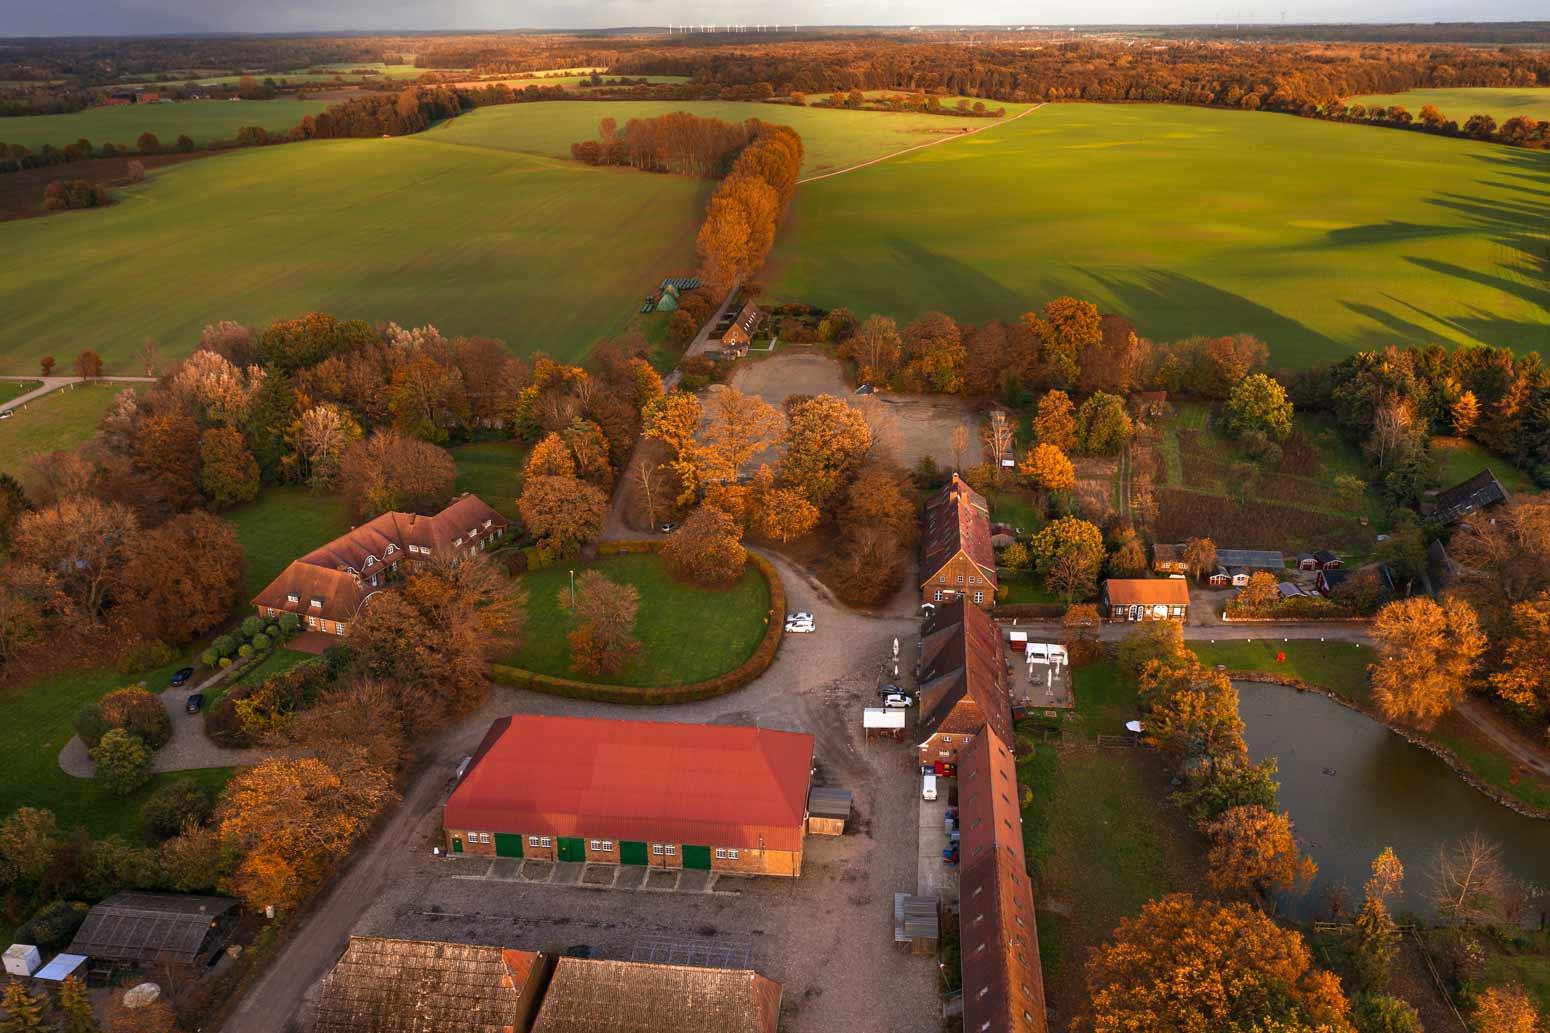 Das Gut Basthorst bei Hamburg im Herbst bei Sonnenuntergang aus Westen in Richtung Mühlenrade. Die Jagdschule v. Fürstenberg auf dem Gut Basthorst.